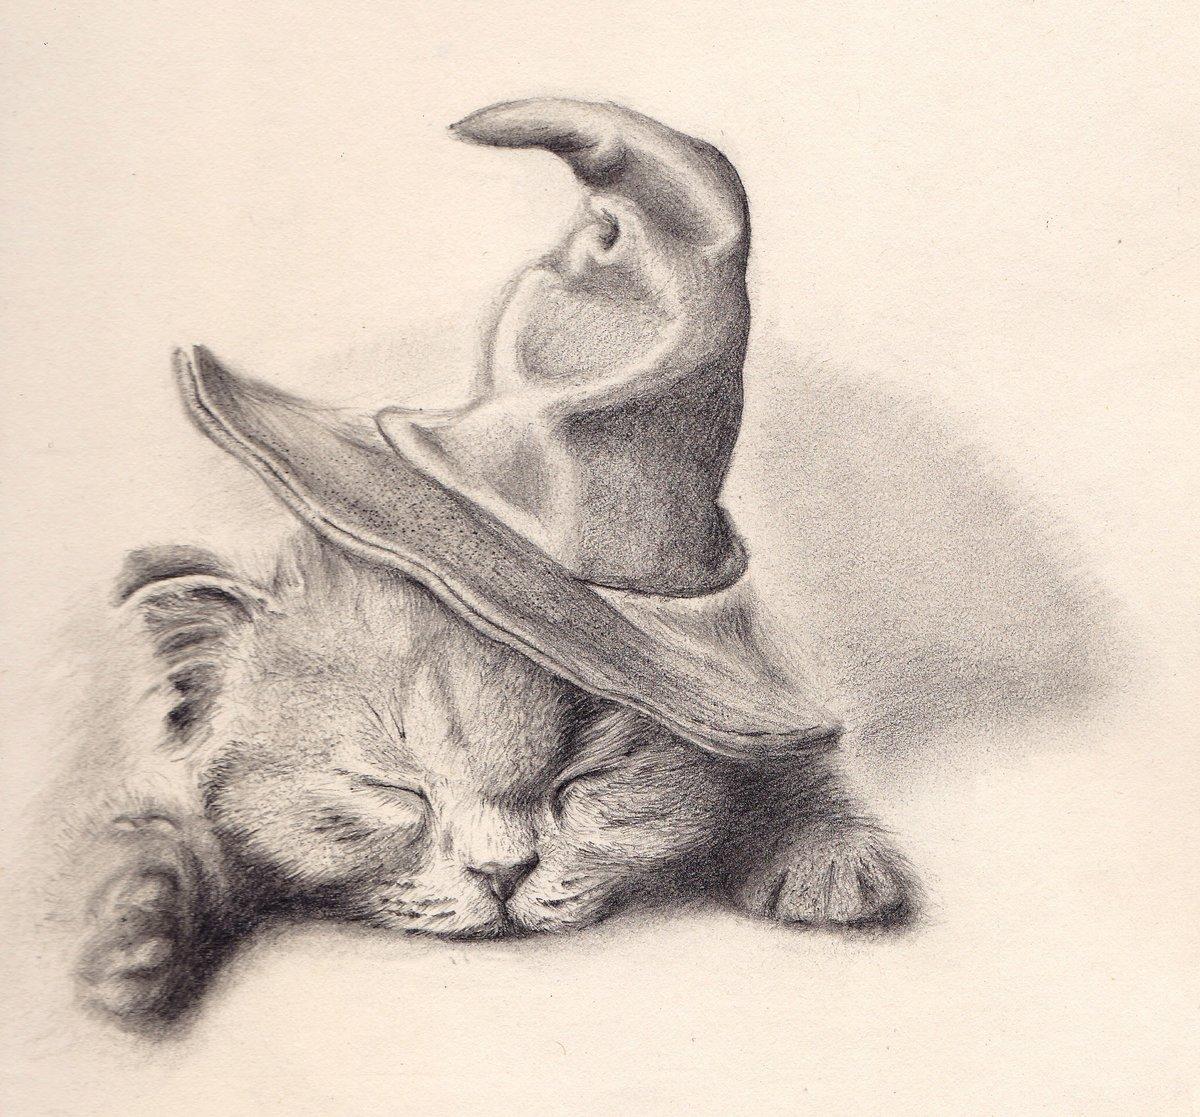 Смешные животные картинки нарисованные карандашом